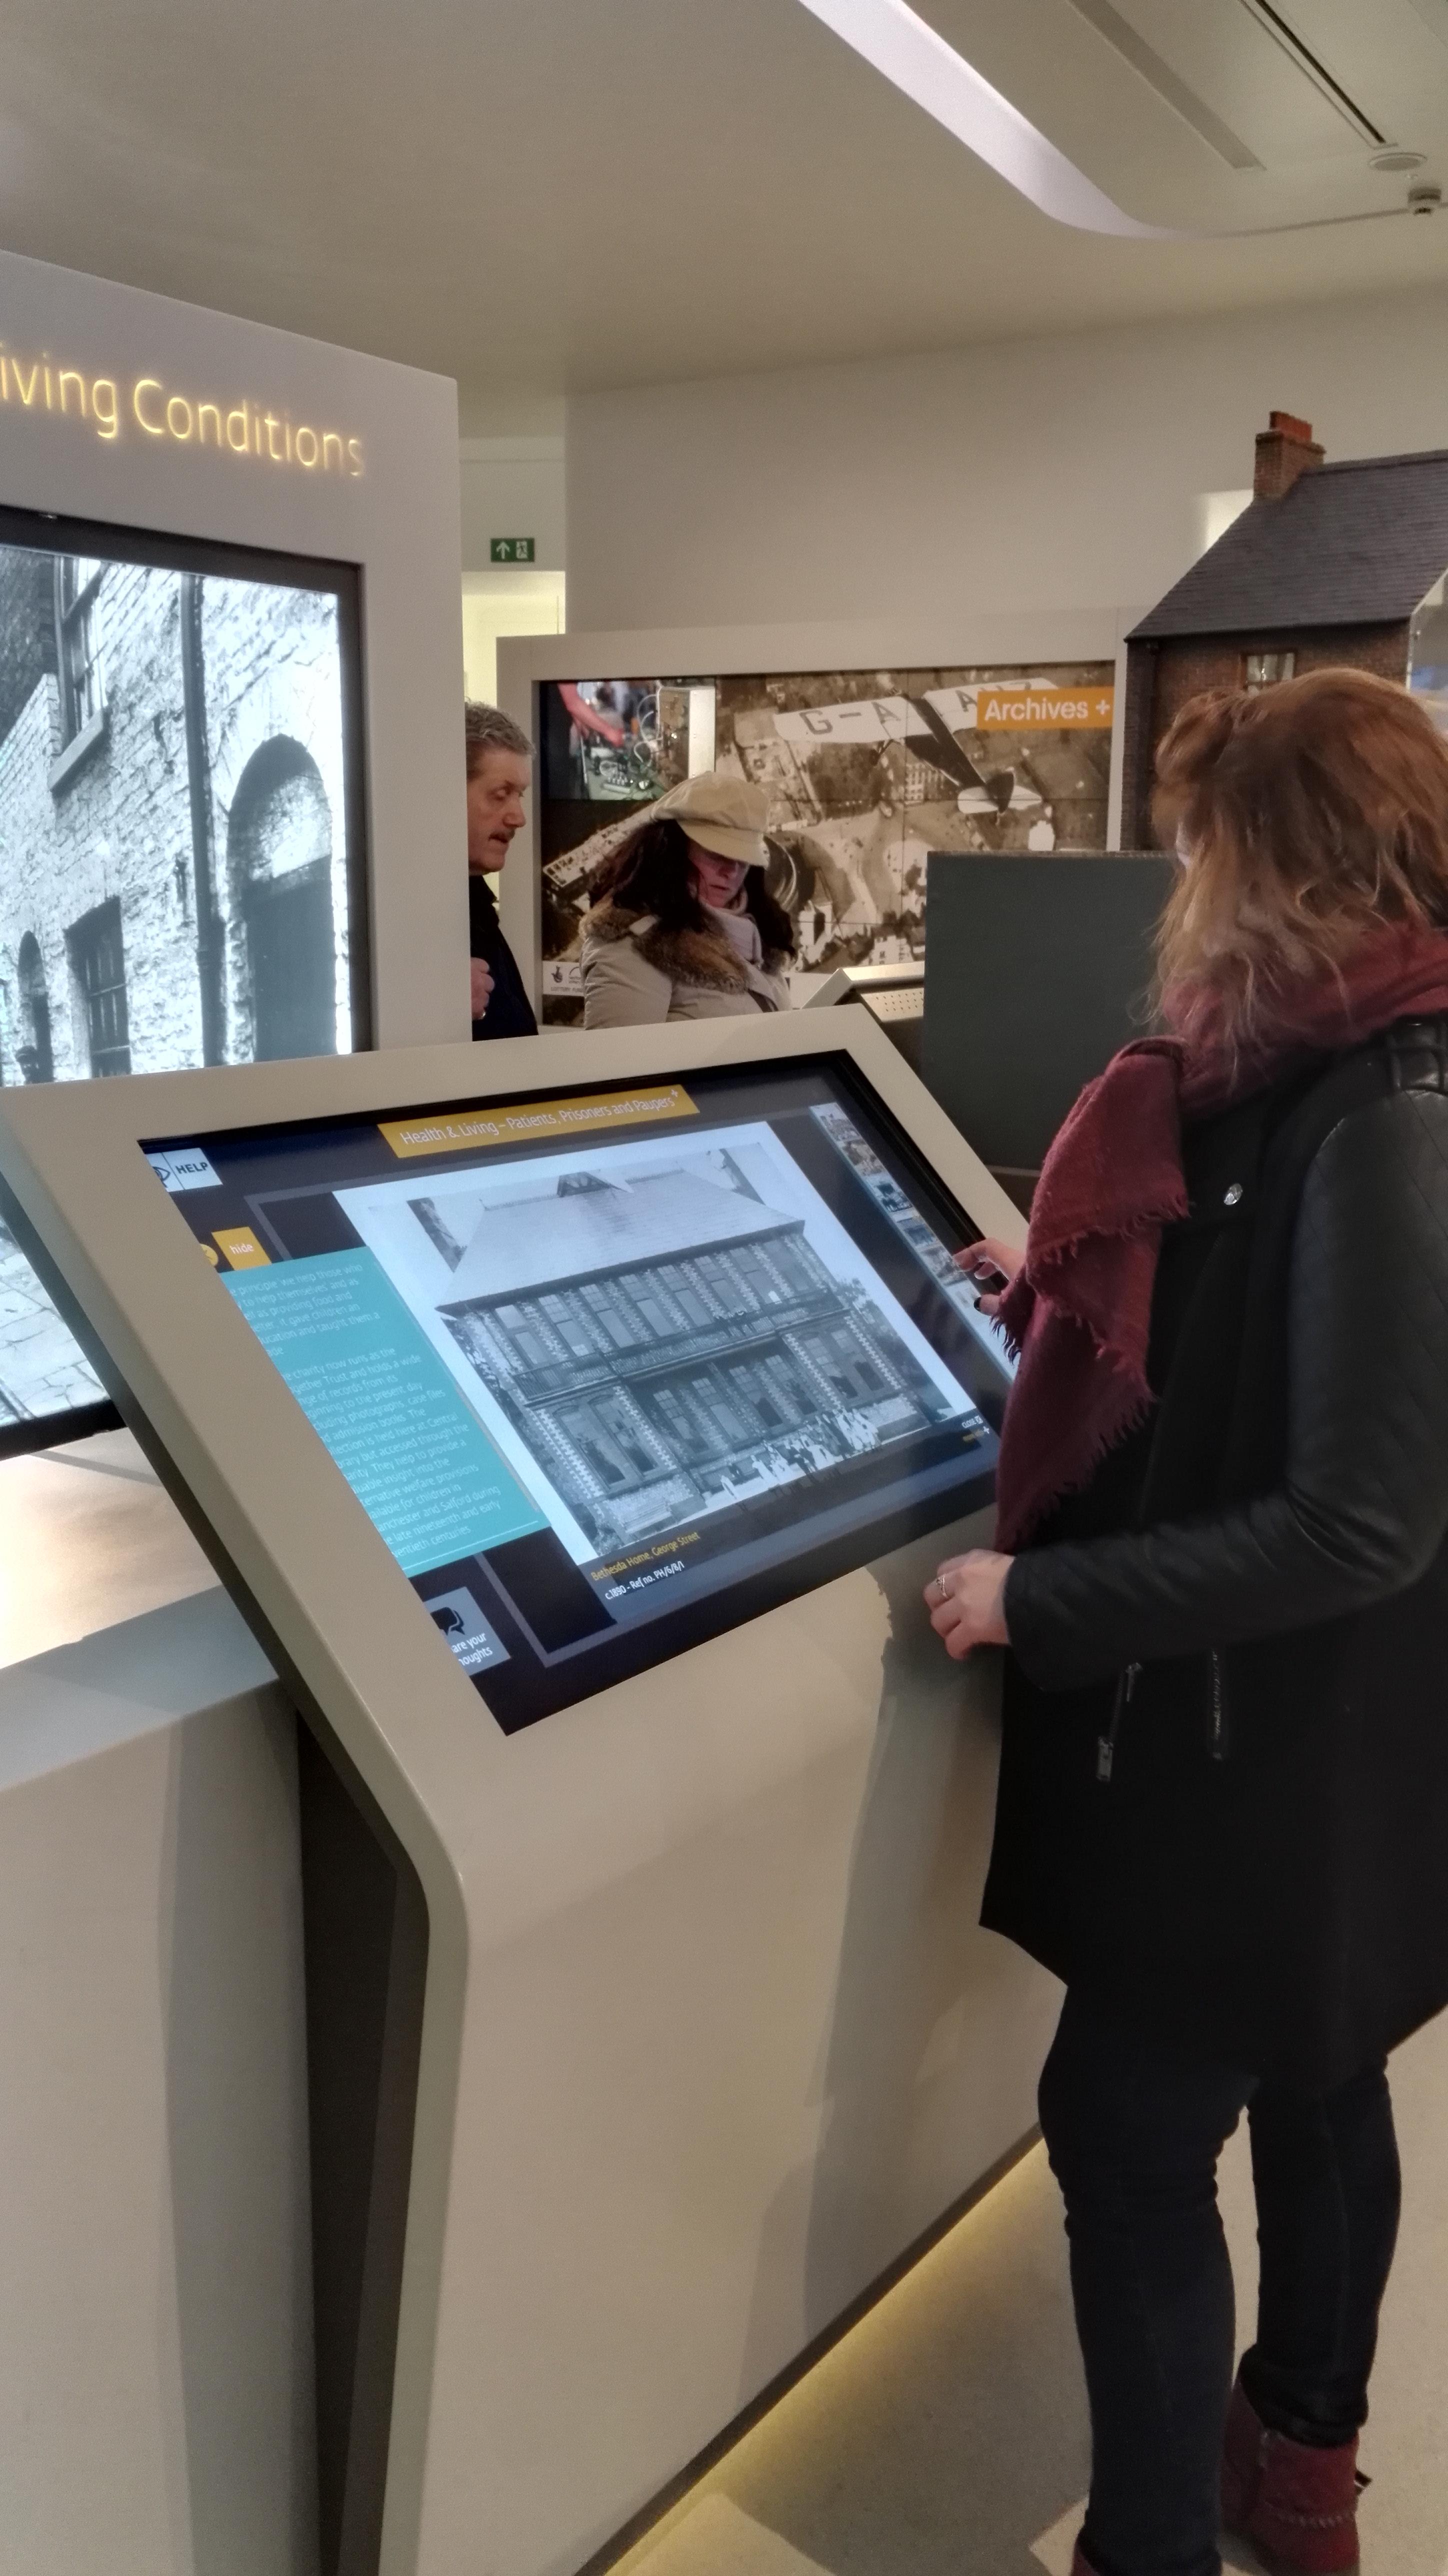 borne tactile musée enrichissement expositions